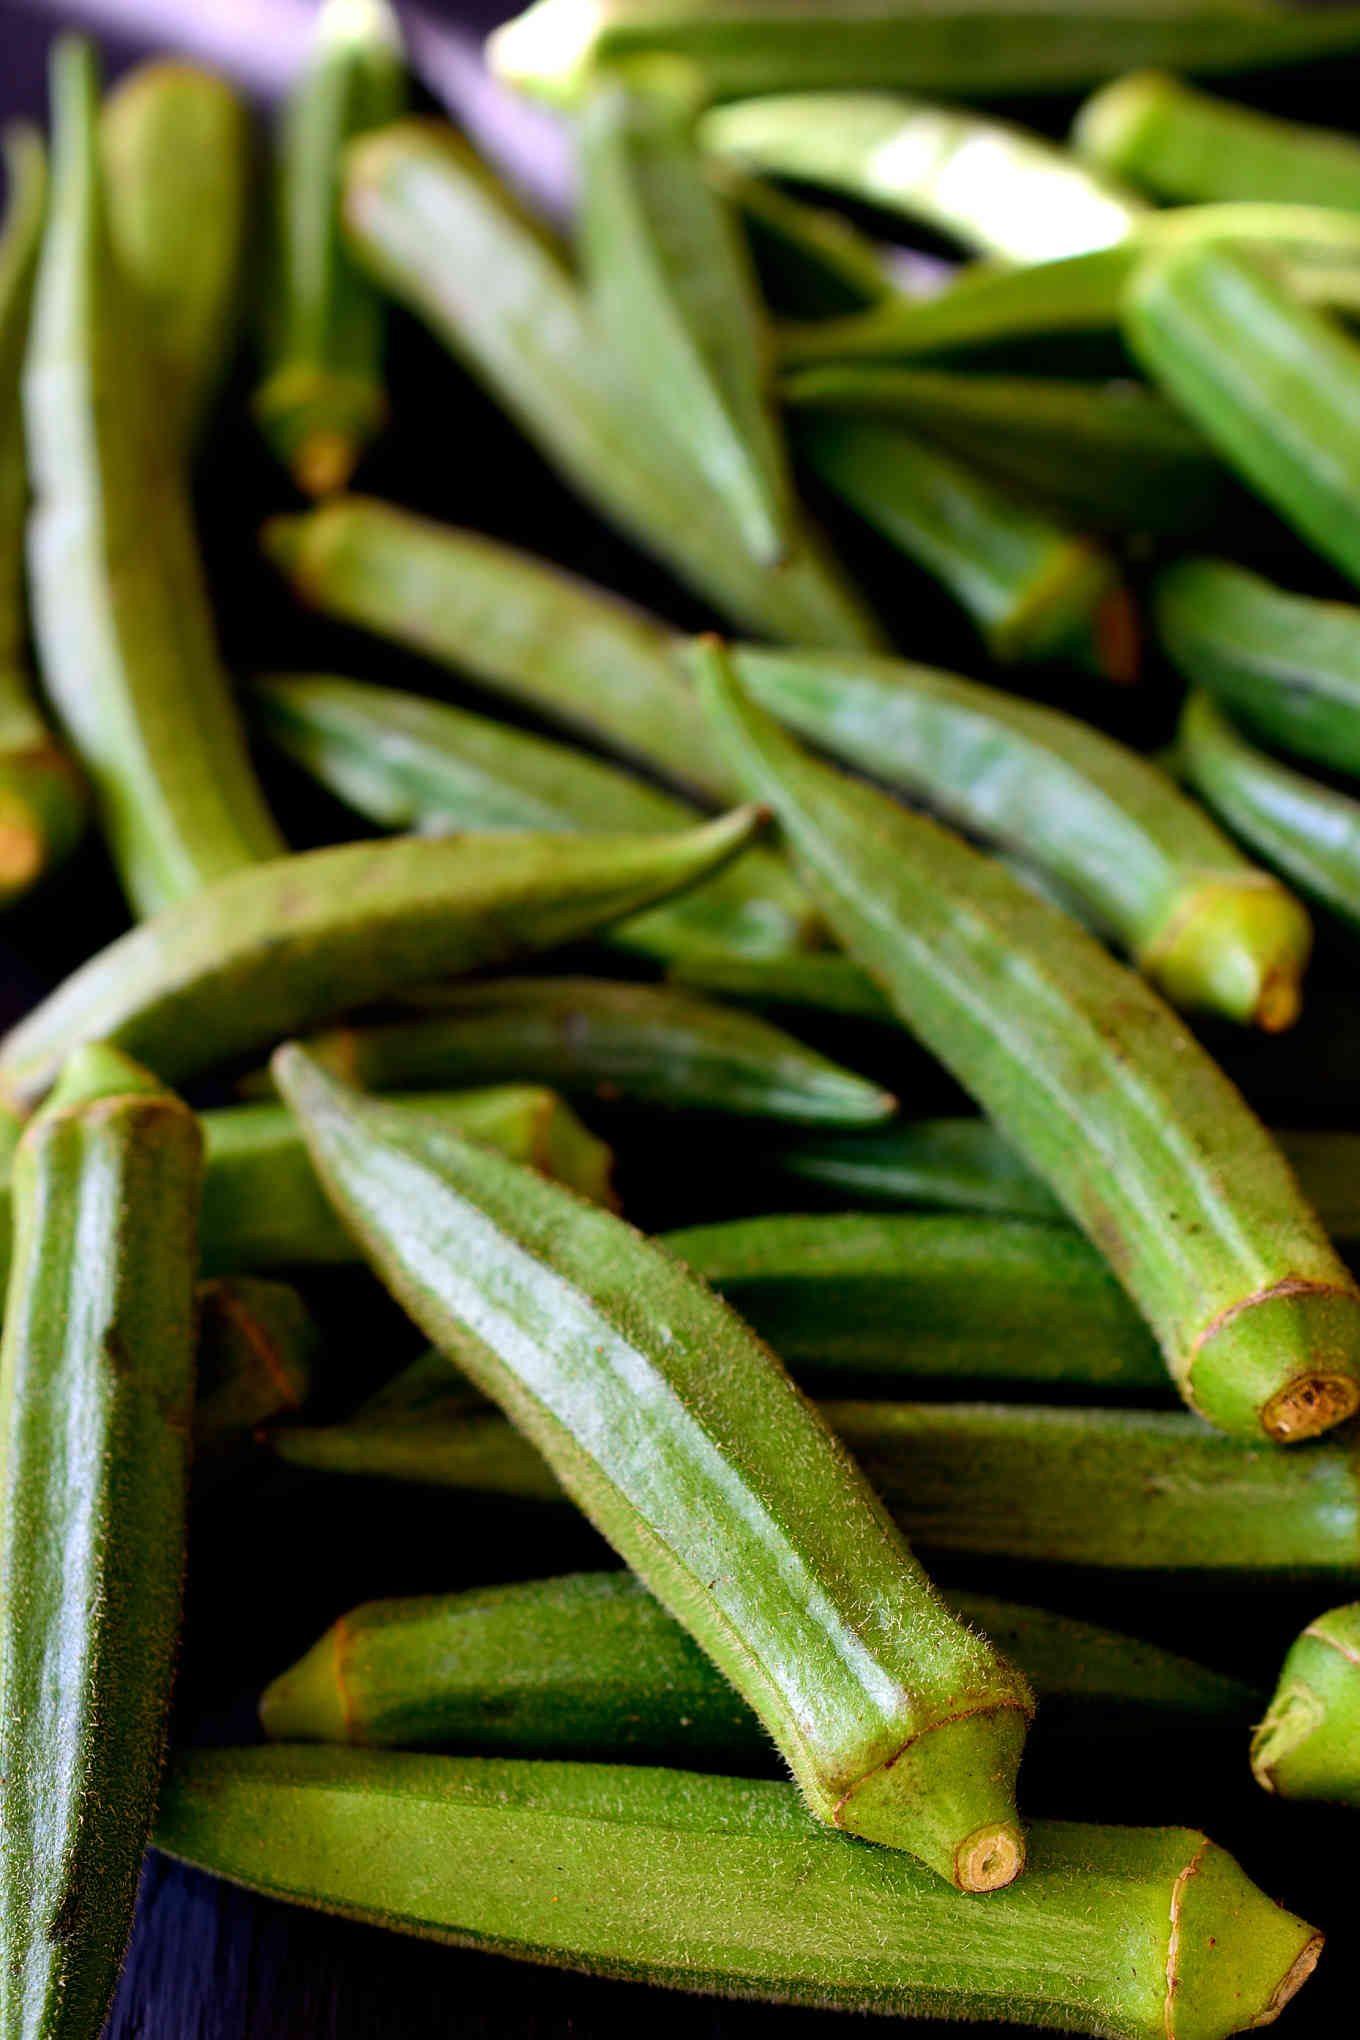 Esta receta de sopa gumbo vegetariana es sustanciosa, deliciosa, cálida y reconfortante. Con una mezcla de frijoles, champiñones y okra, este gumbo sale barato y rebosa sabor. Empezando con un roux rico y oscuro, hierbas y especias claves, y un ingrediente secreto para añadir umami, es difícil creer que esta sopa gumbo vegetariana no lleve nada de carne!